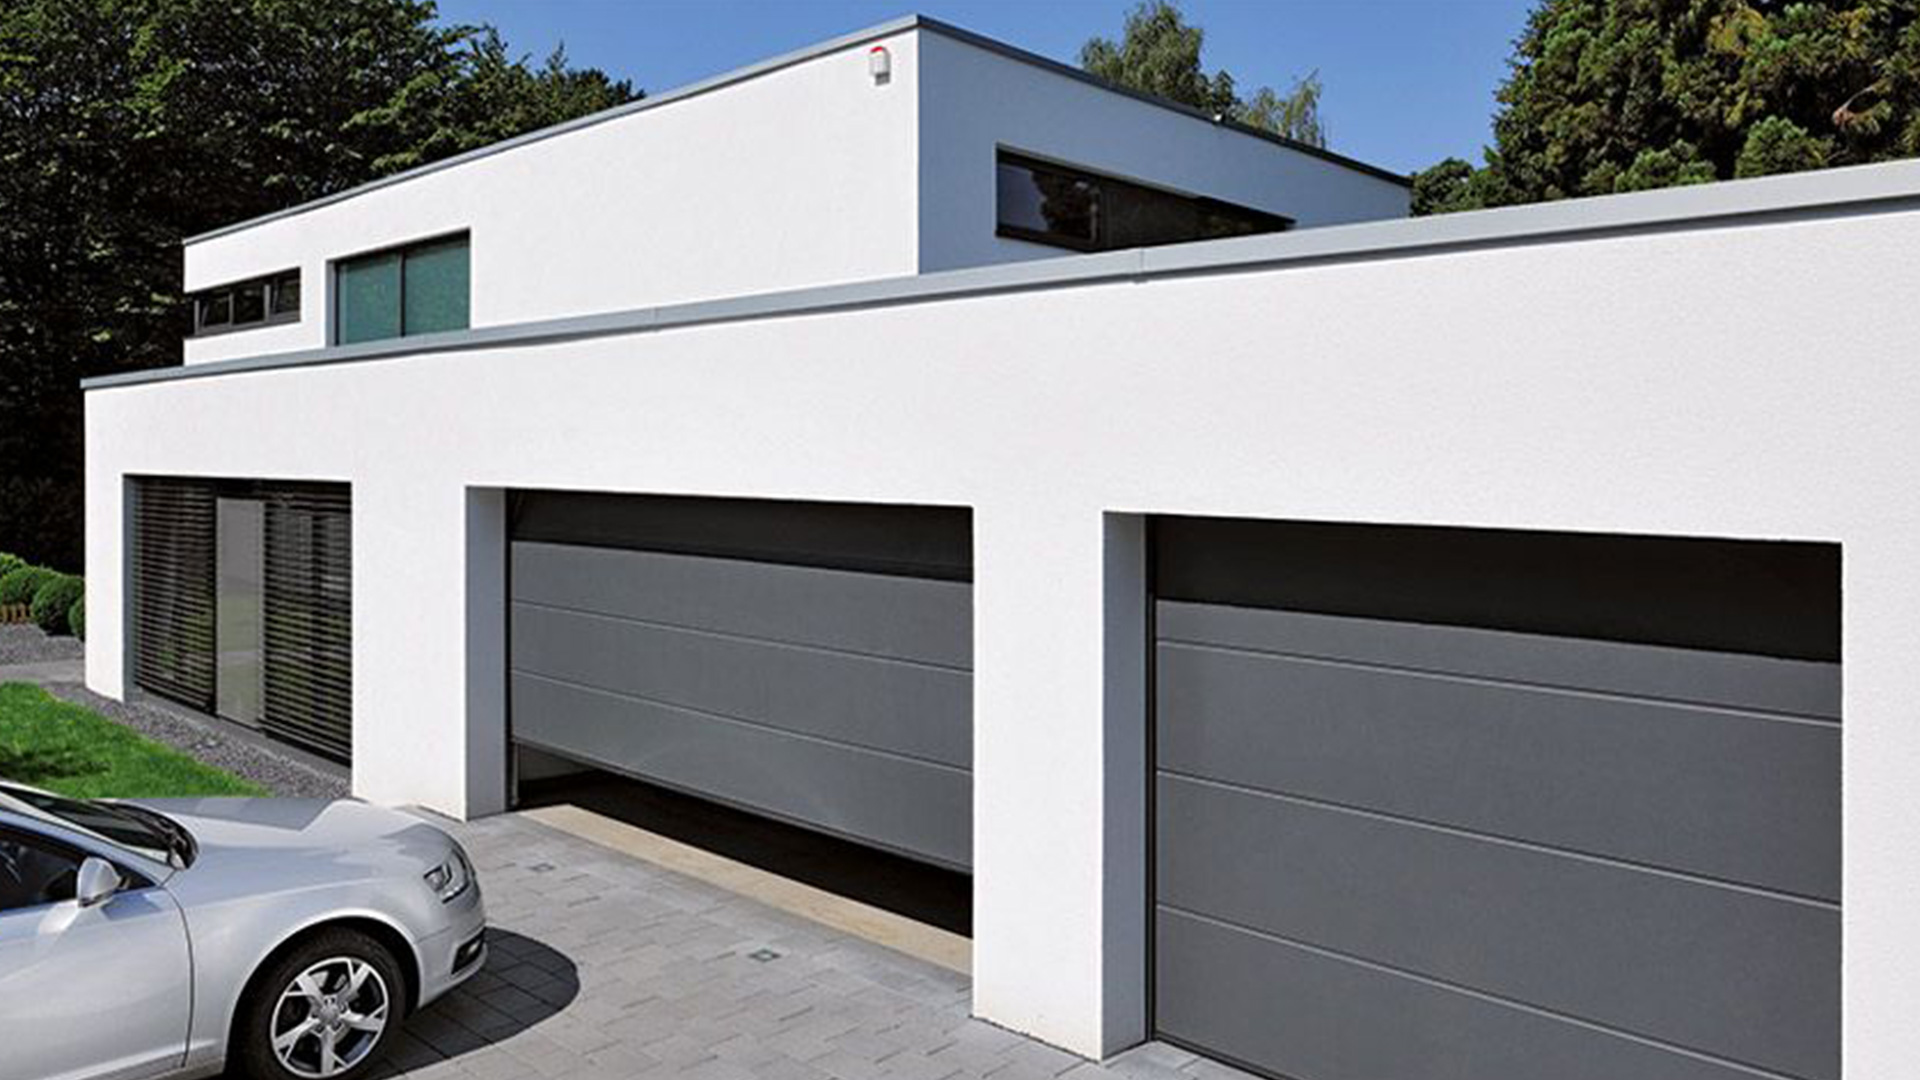 Flachdach-Haus mit zwei Garagentor, von denen eins gerade geöffnet wird